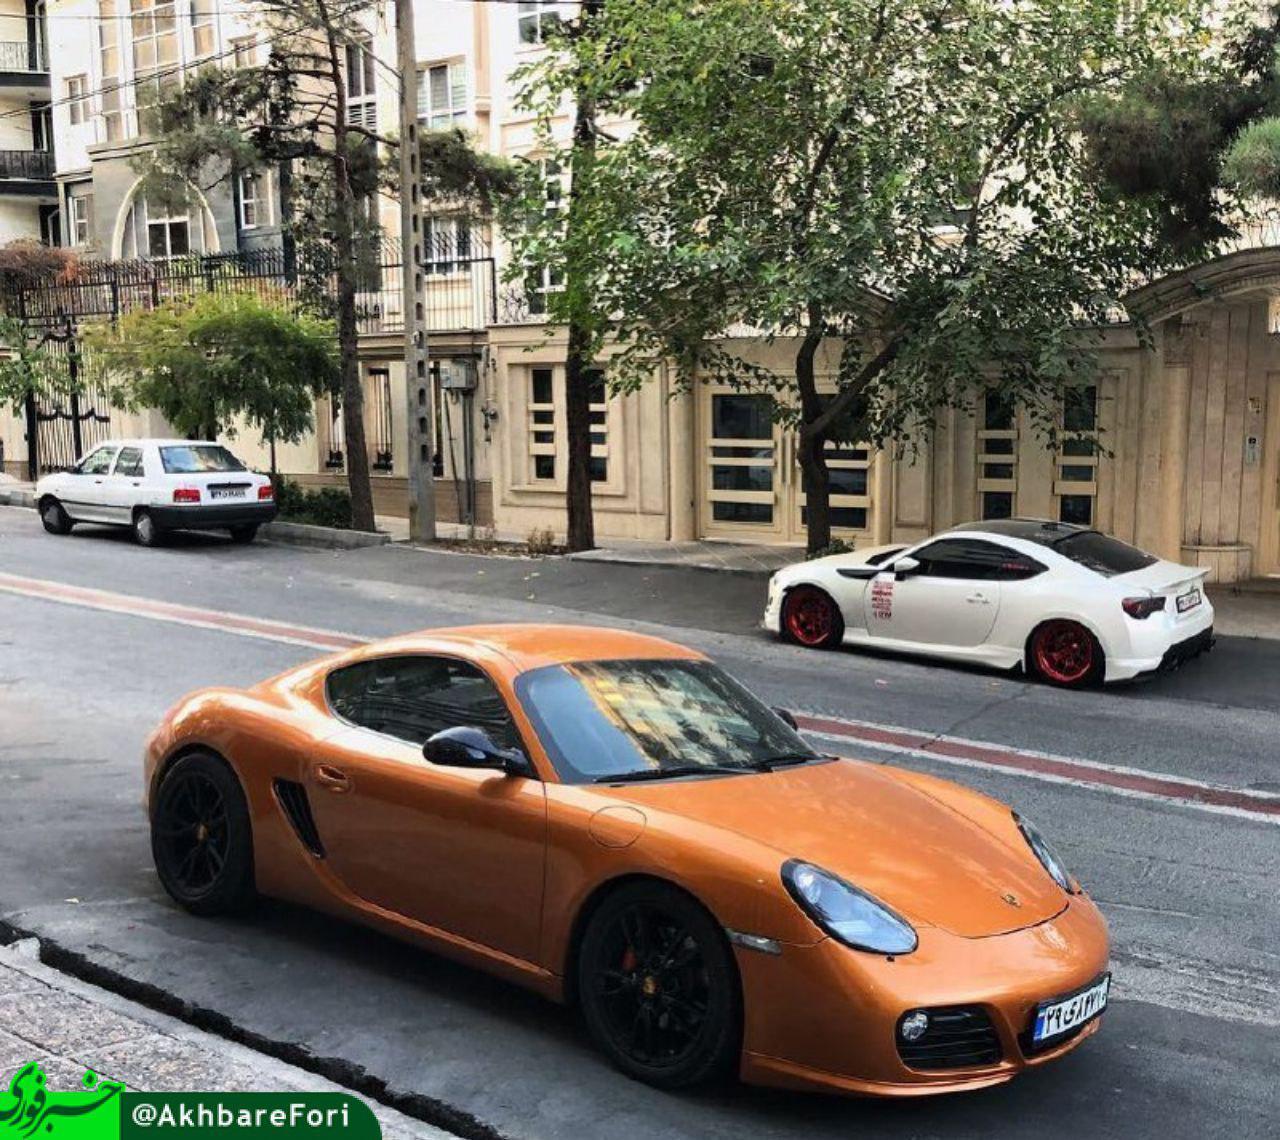 ماشین های ایرانی، ژاپنی و آلمانی در یک نگاه + عکس